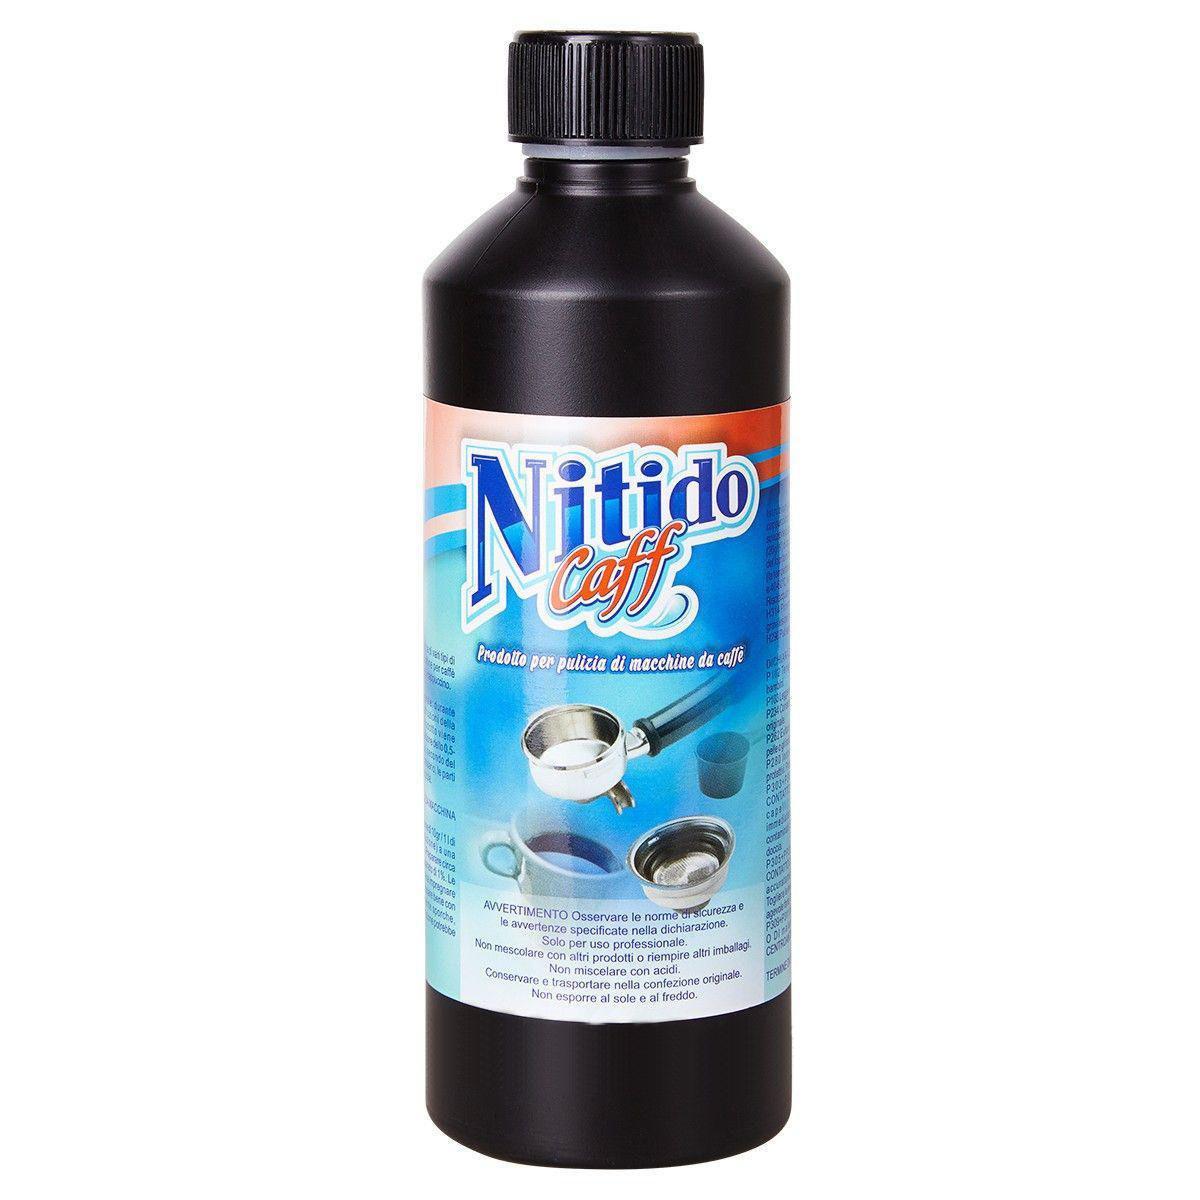 Средство для чистки групп Nitido caff